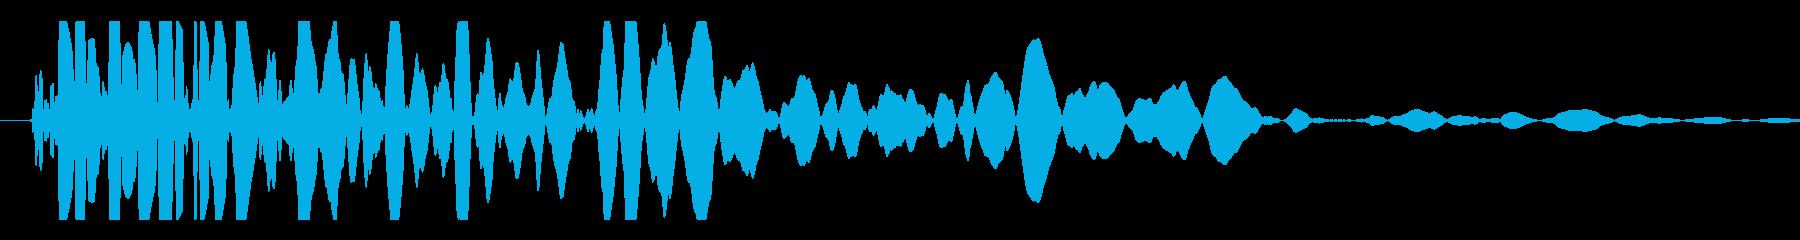 重低音インパクトガタガタ、ガタガタ...の再生済みの波形